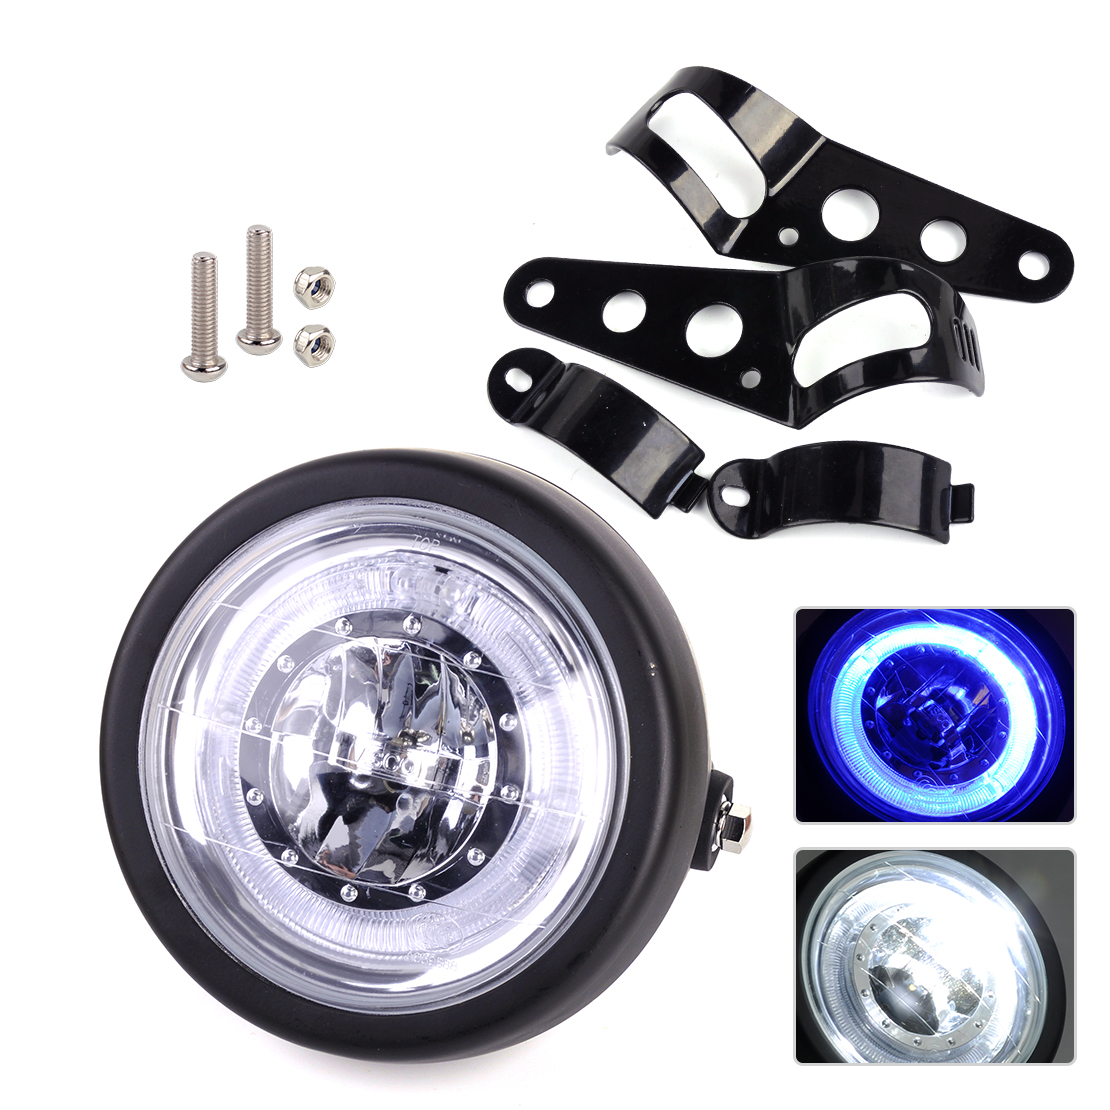 DWCX 12V LED Retro Headlight Lamp Vintage Round Light for Honda Motorcycle Chopper Cafe Racer Harley Bobber Chopper Dirt Bike